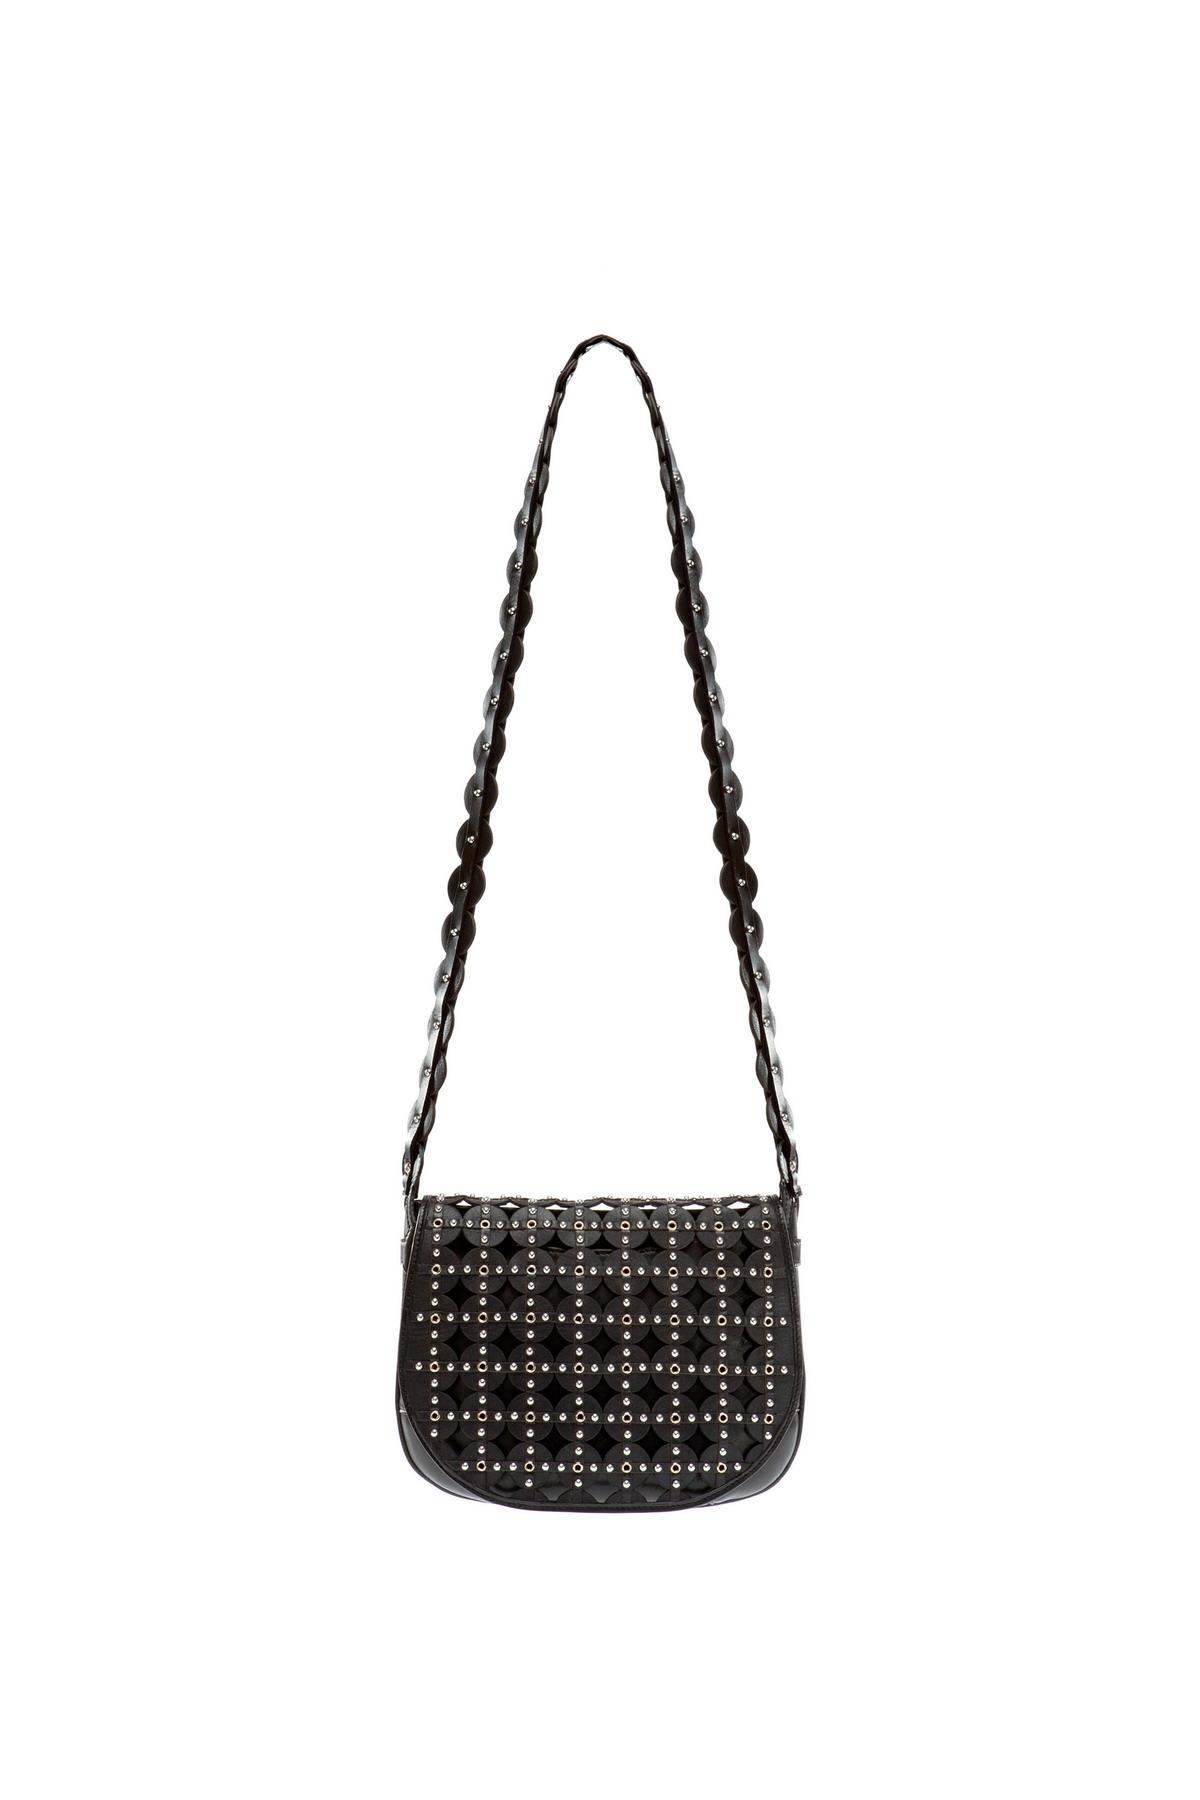 11_EmilioPucci_accessories_SS2015_ridimensionare